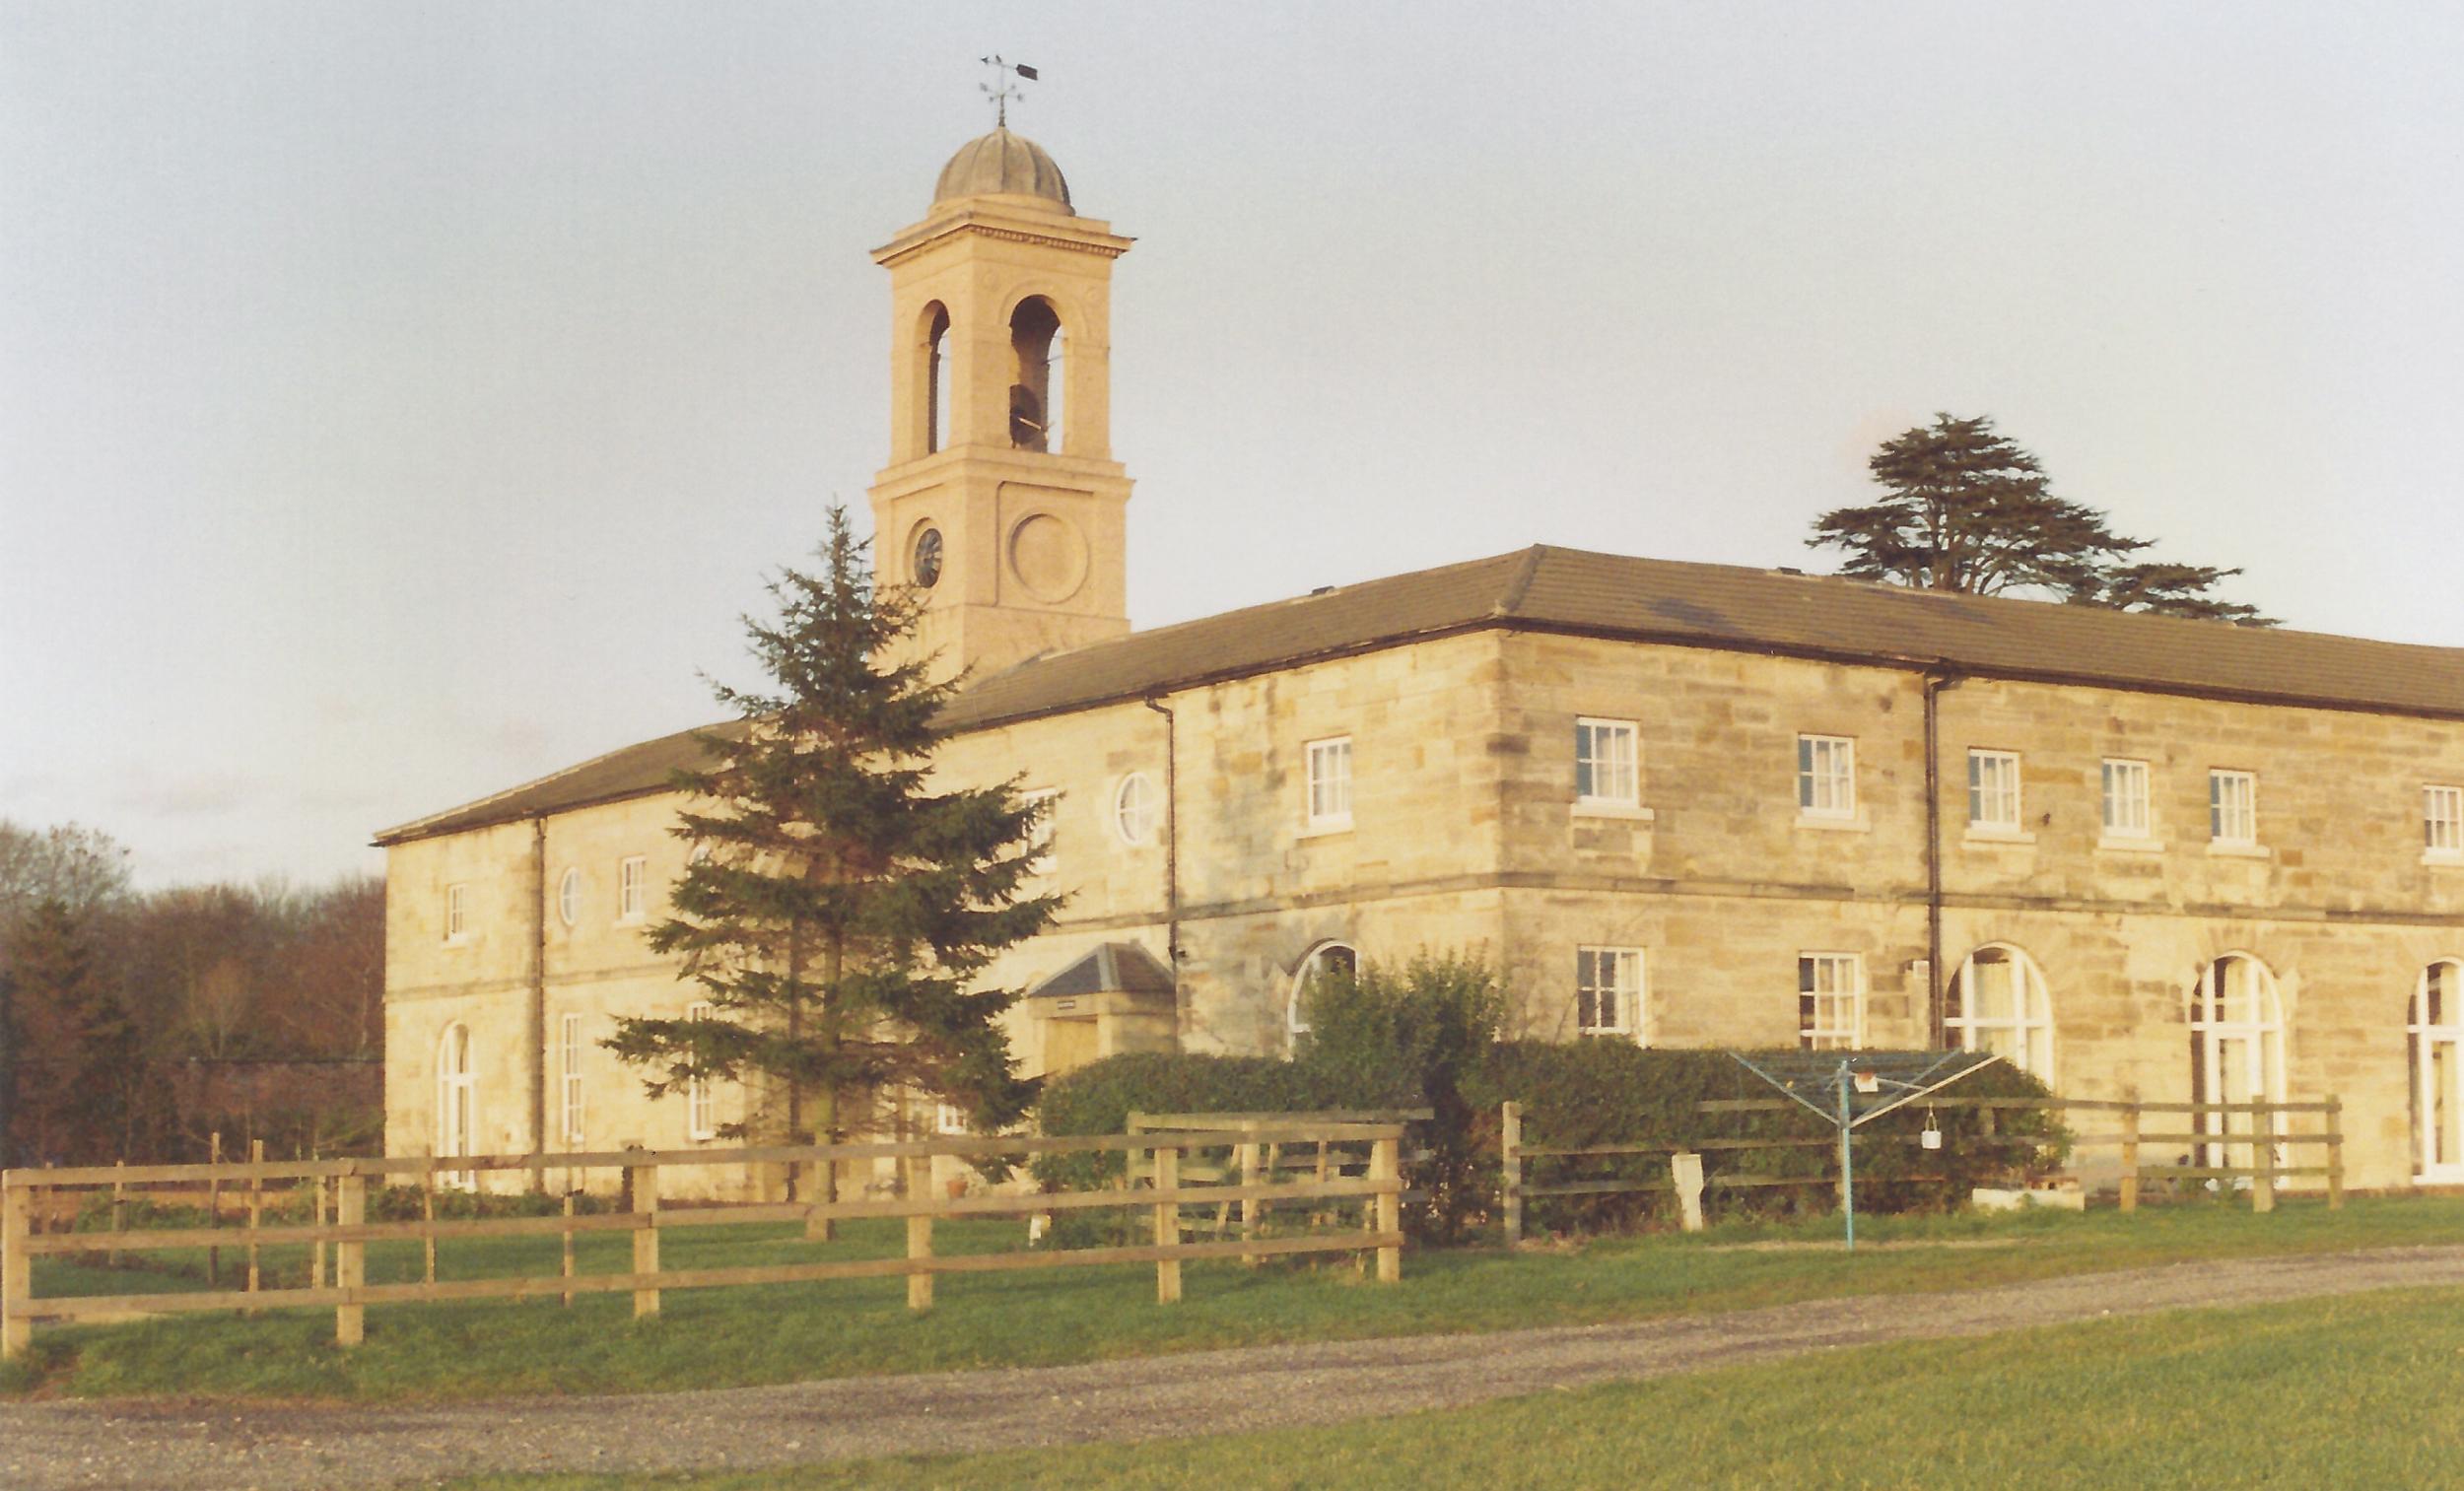 Thirkelby Hall